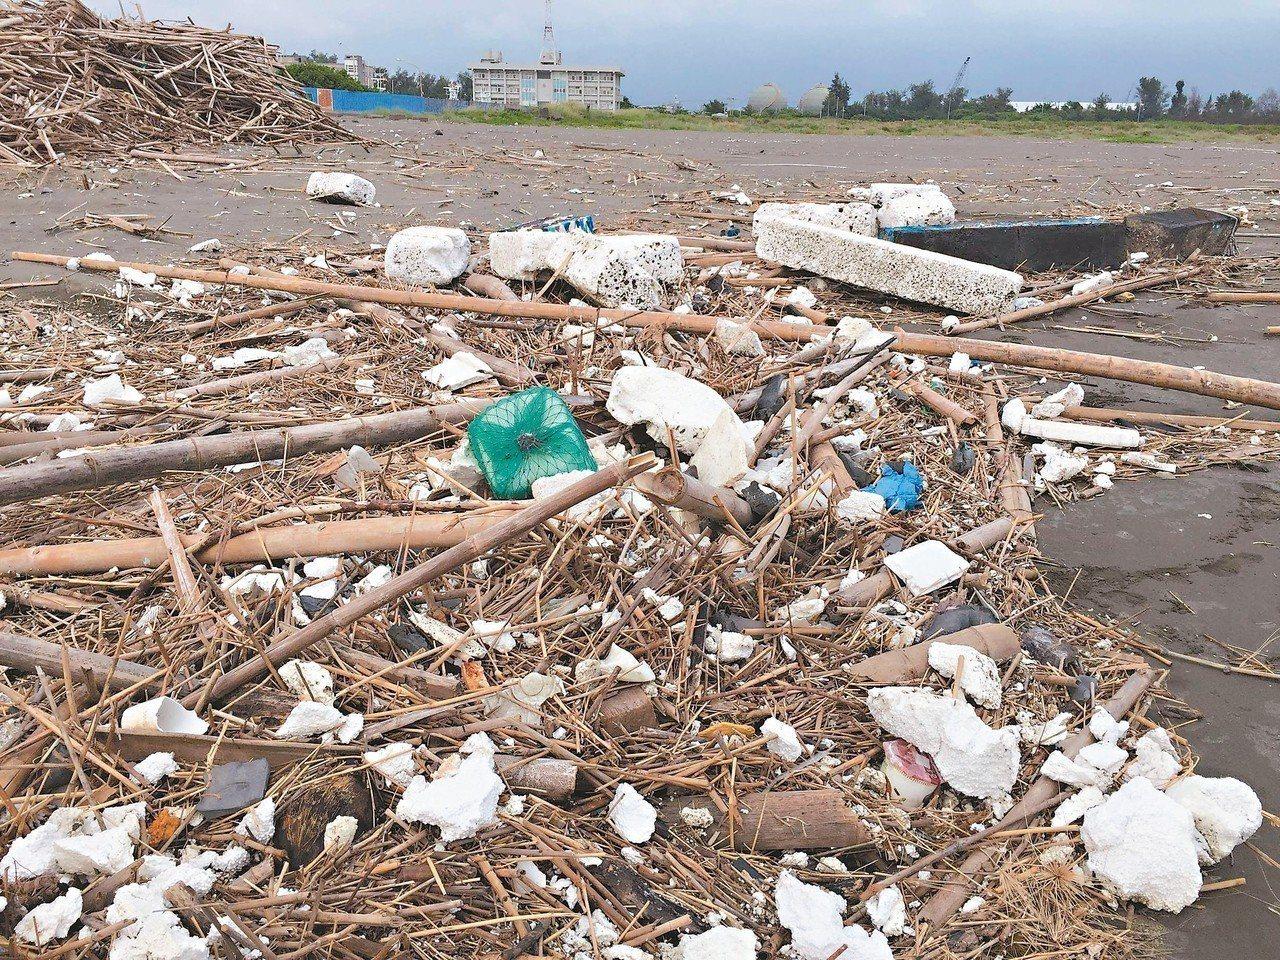 養蚵的廢棄保麗龍造成沿岸滿目瘡痍。 圖/台南社大提供